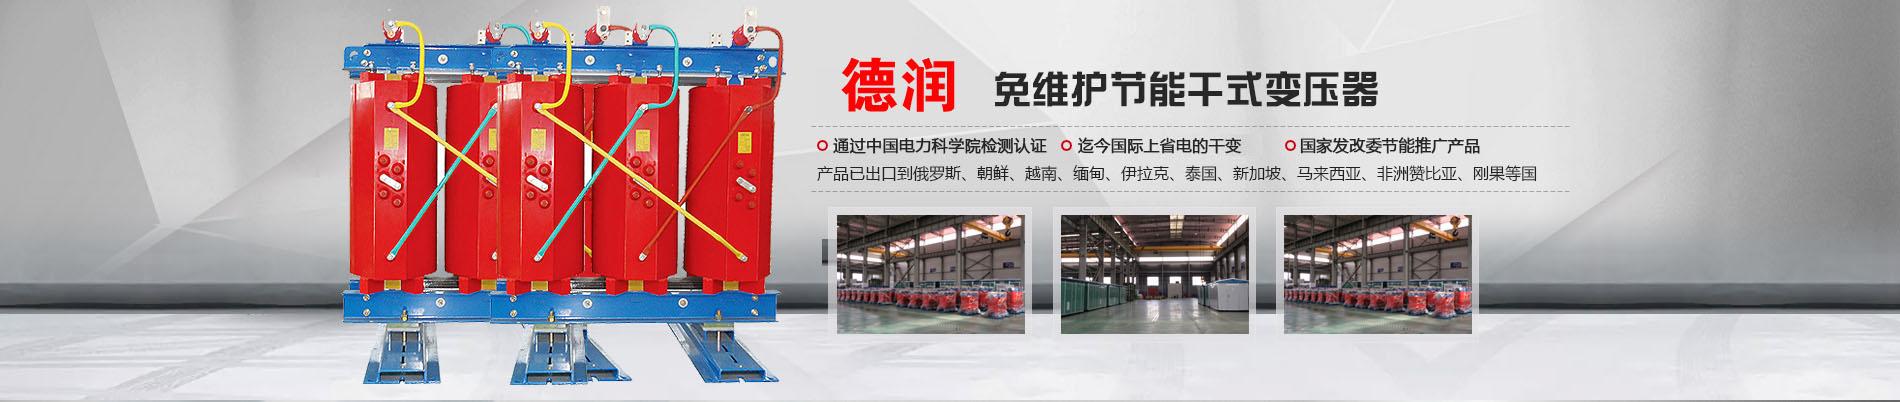 阿拉善干式变压器厂家